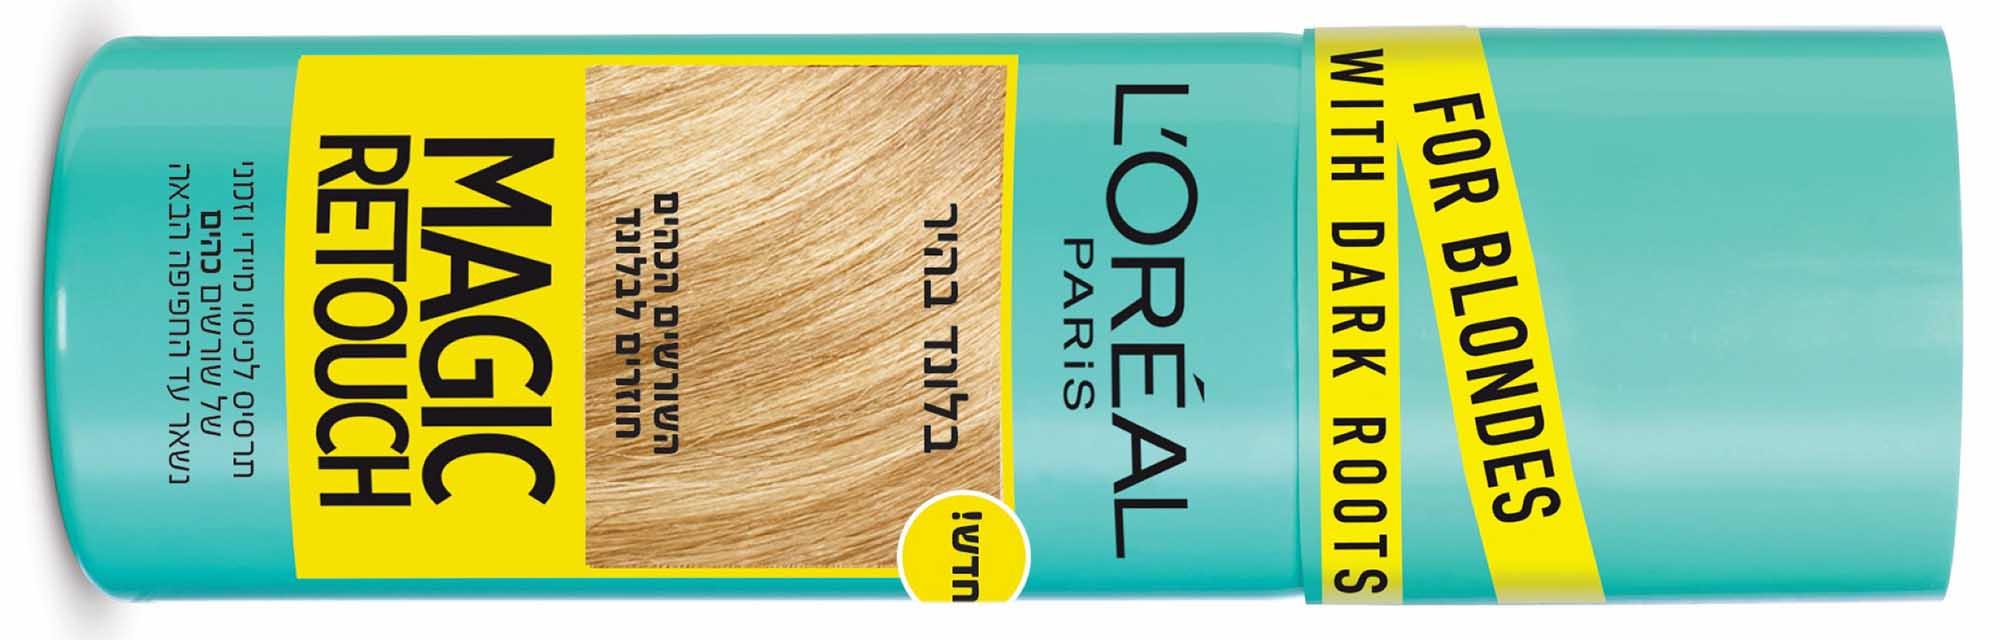 מגיק ריטאץ לצבועות שיער בלונדיני לוריאל פריז מחיר השקה ינואר 2020 29.90שח במקום 49.90שח צילום יחצ חול (1)